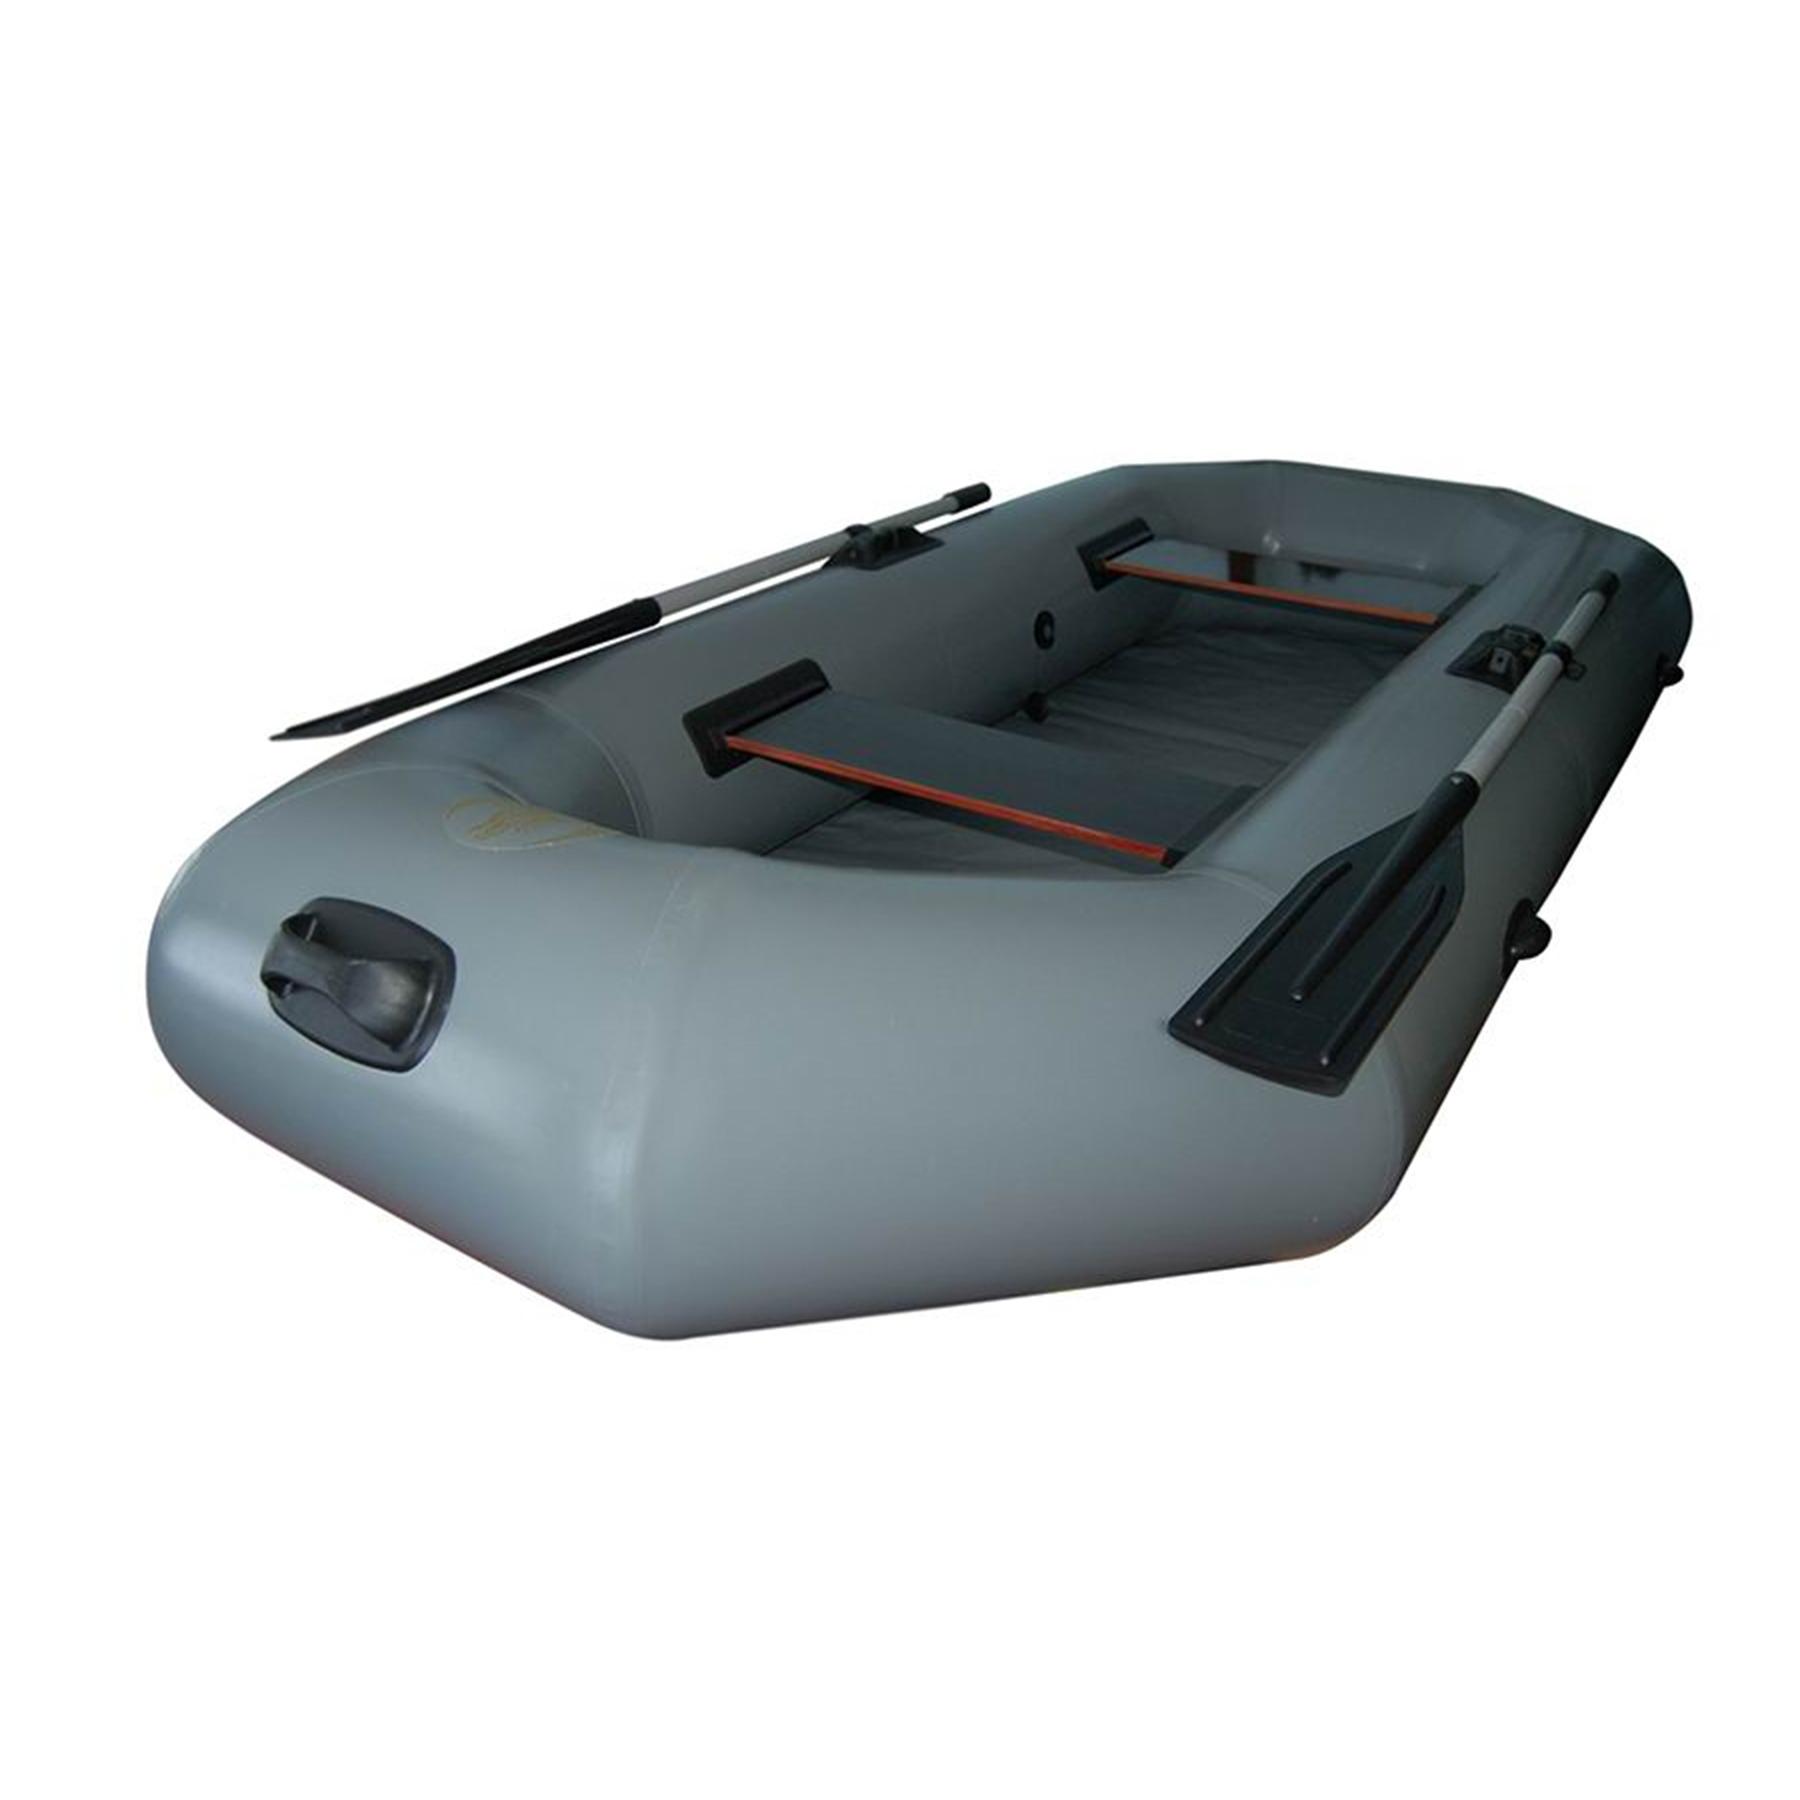 Лодка Легион - 260 / 265  (260*124см, гр.под.220 кг,2отс.,14 кг,ж.сид.,весла)